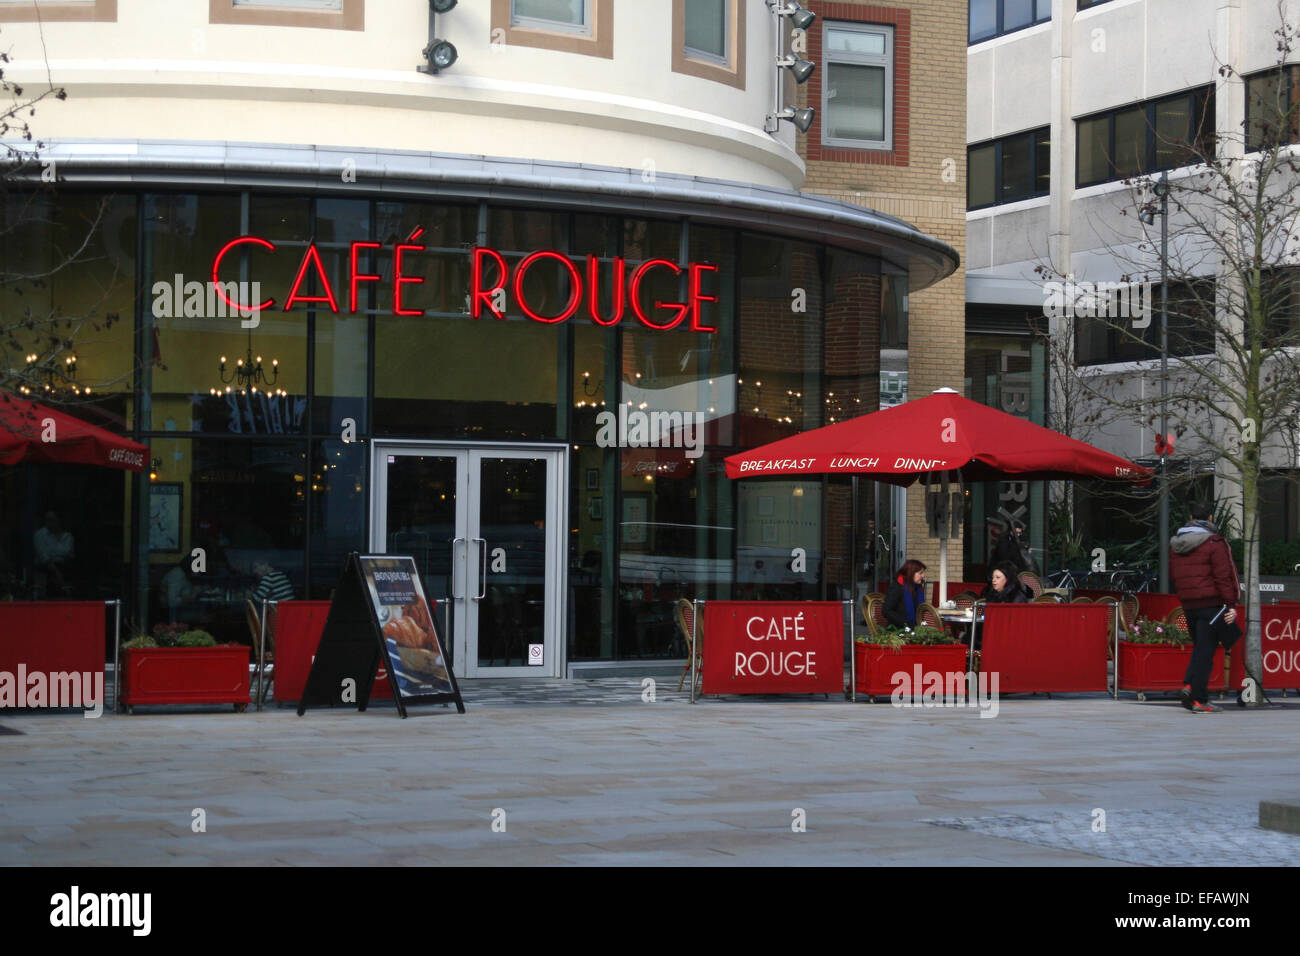 cafe rouge woking - Stock Image